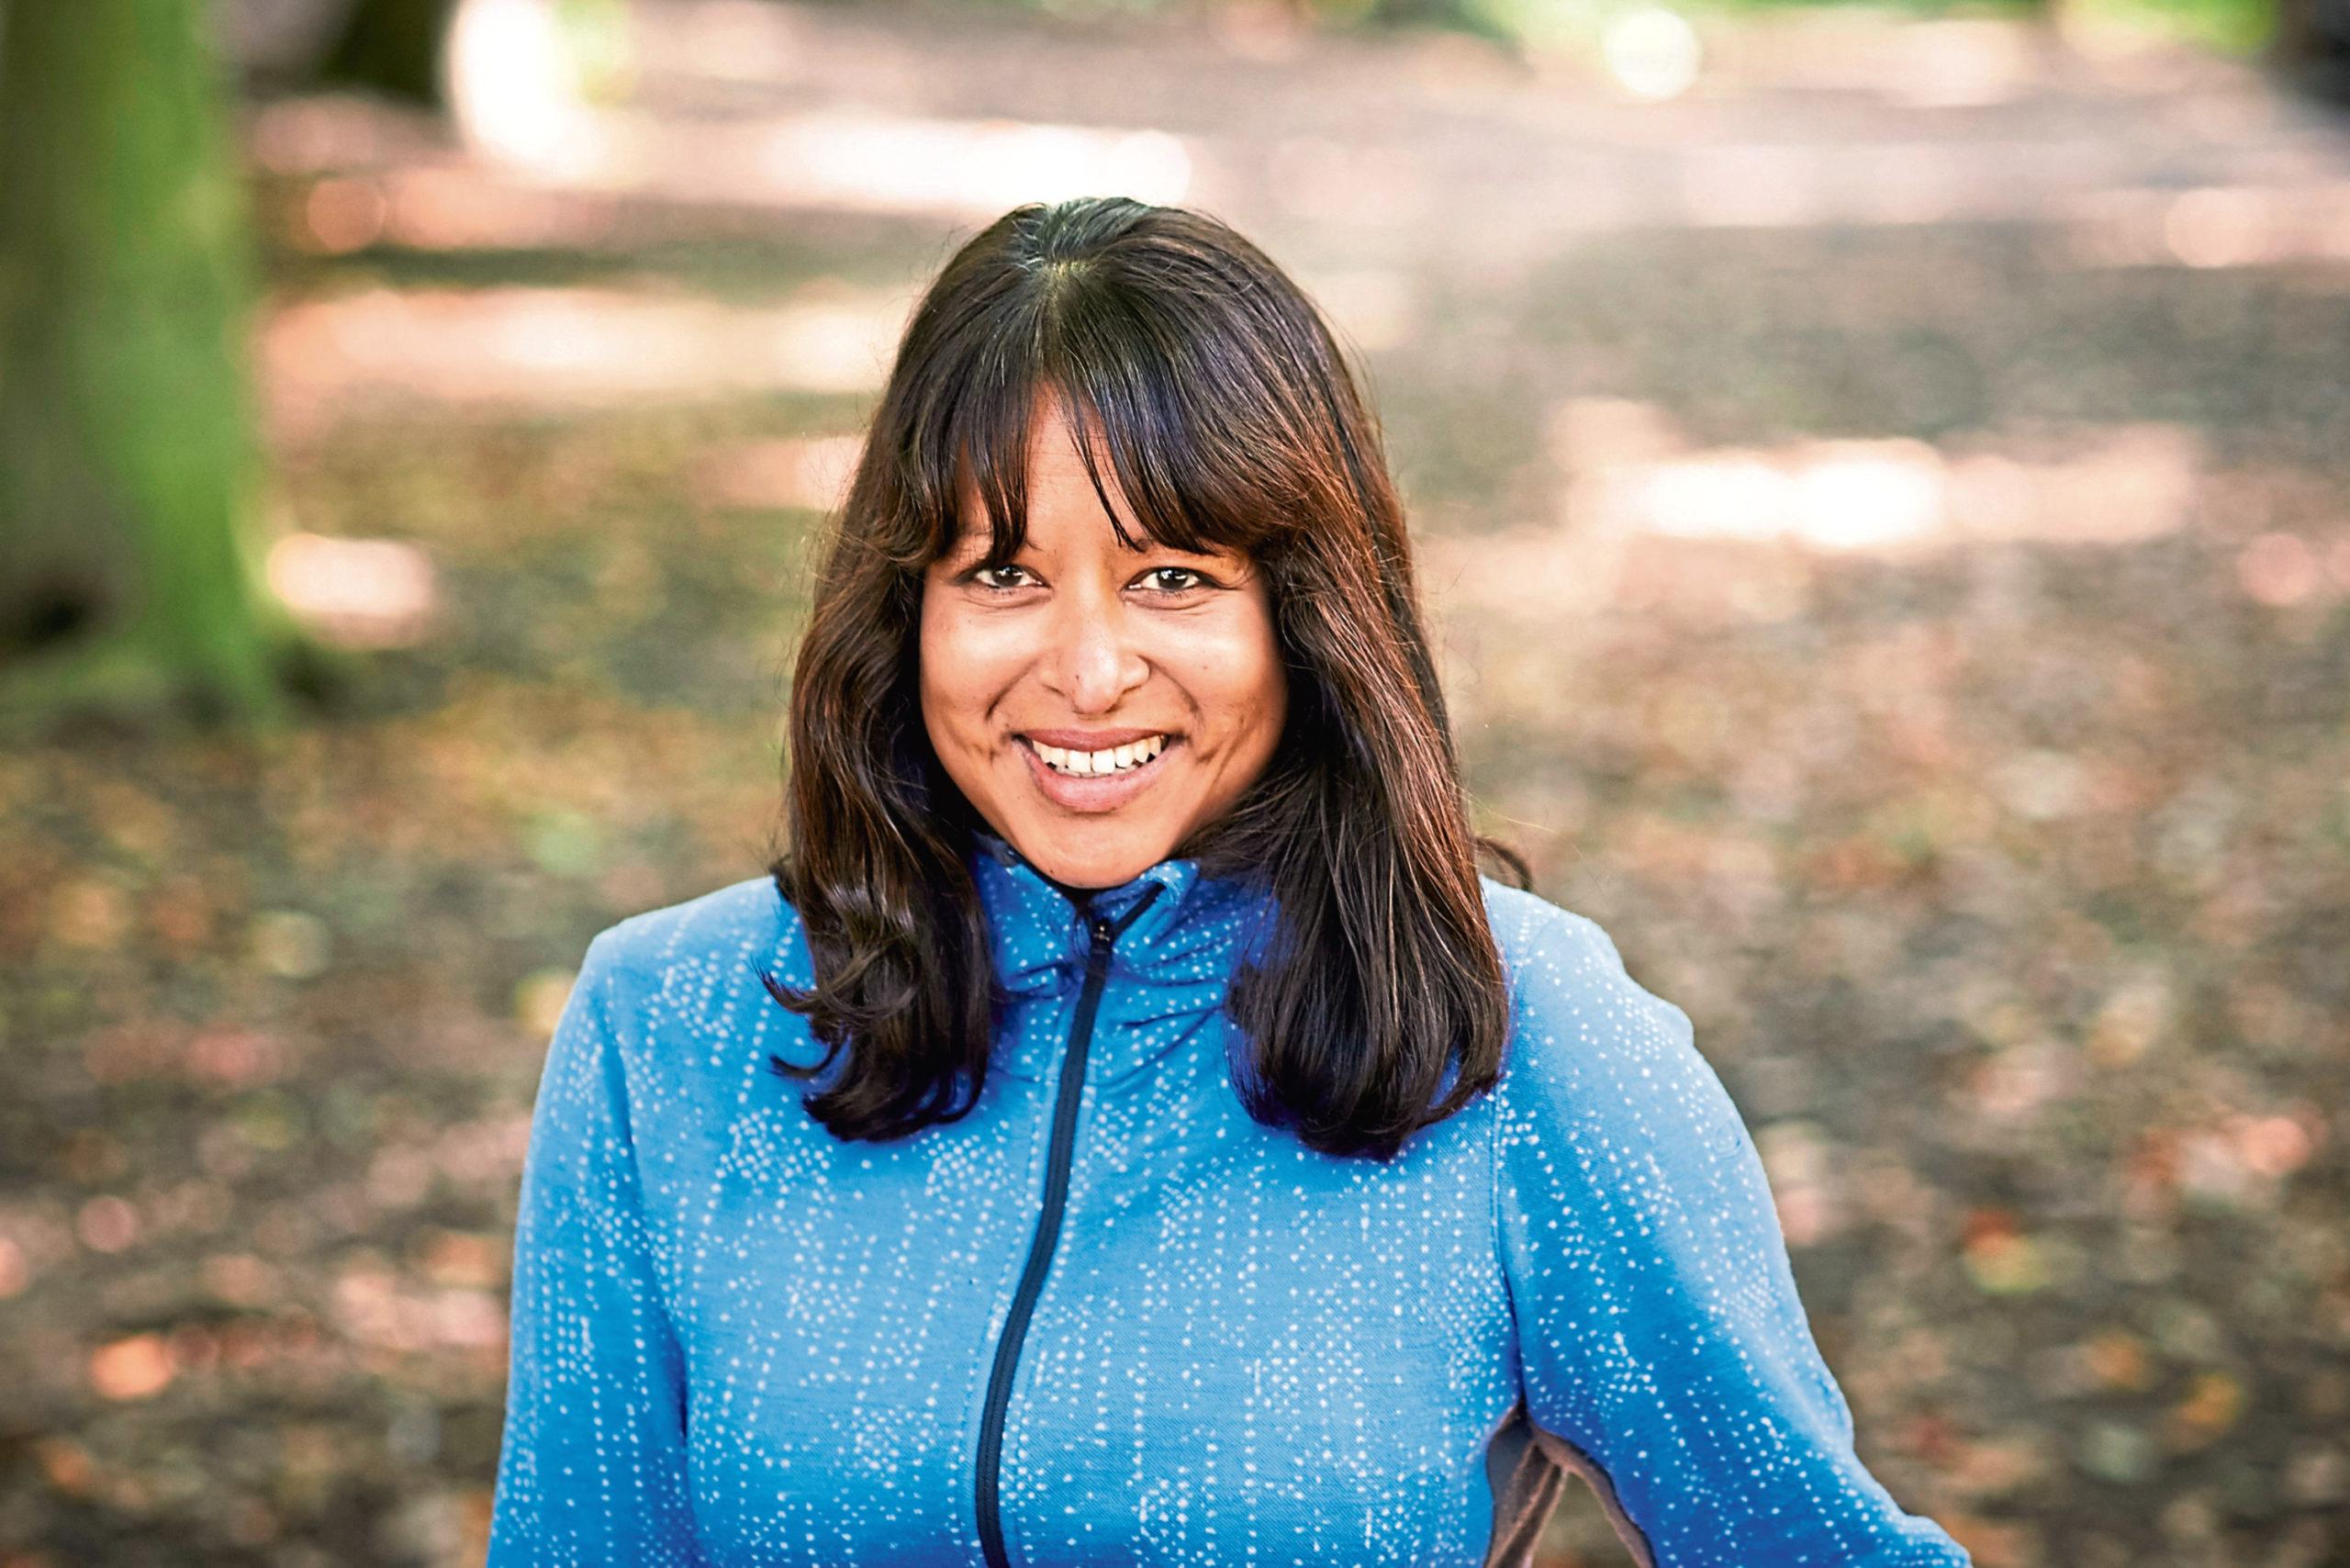 Author Jini Reddy